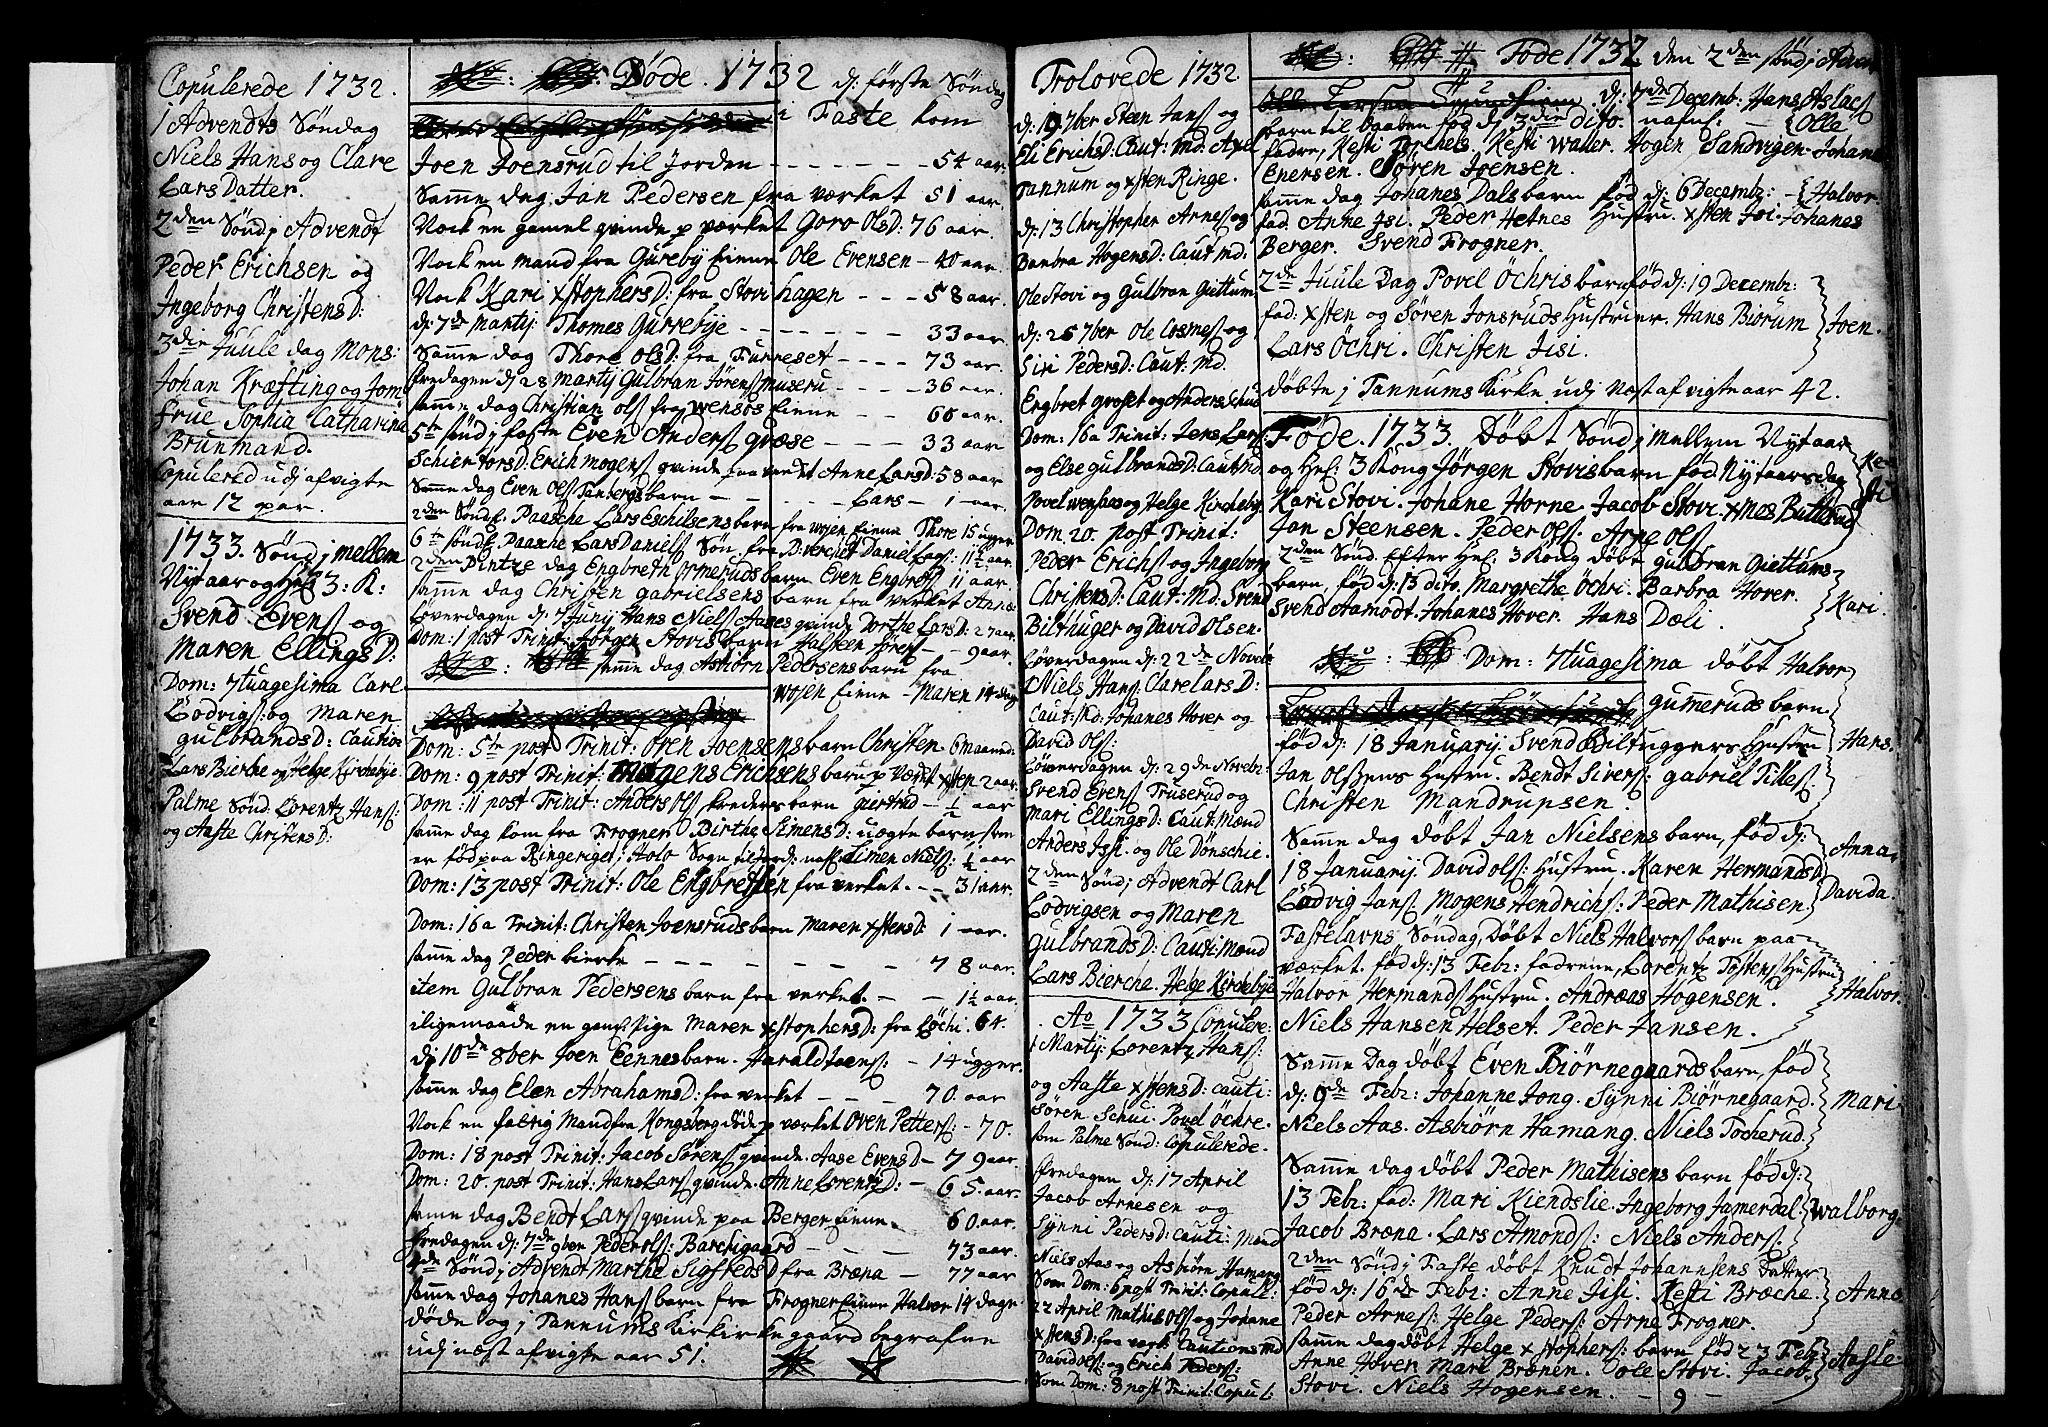 SAO, Asker prestekontor Kirkebøker, F/Fa/L0001: Ministerialbok nr. I 1, 1726-1744, s. 19